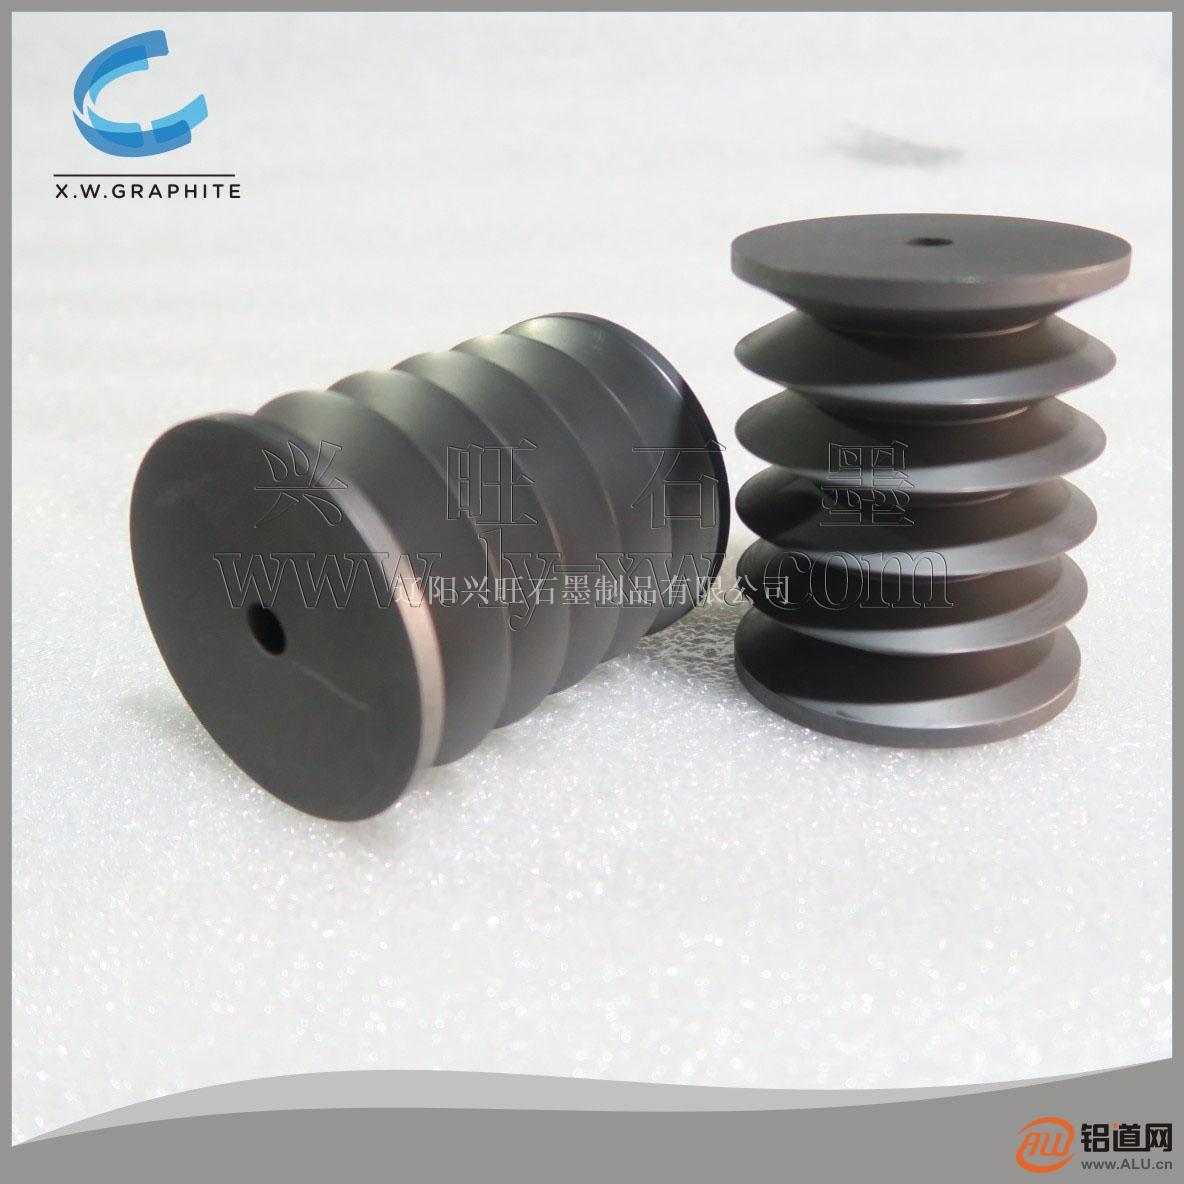 石墨集束轮 石墨滚轮 石墨轮  玻纤行业用